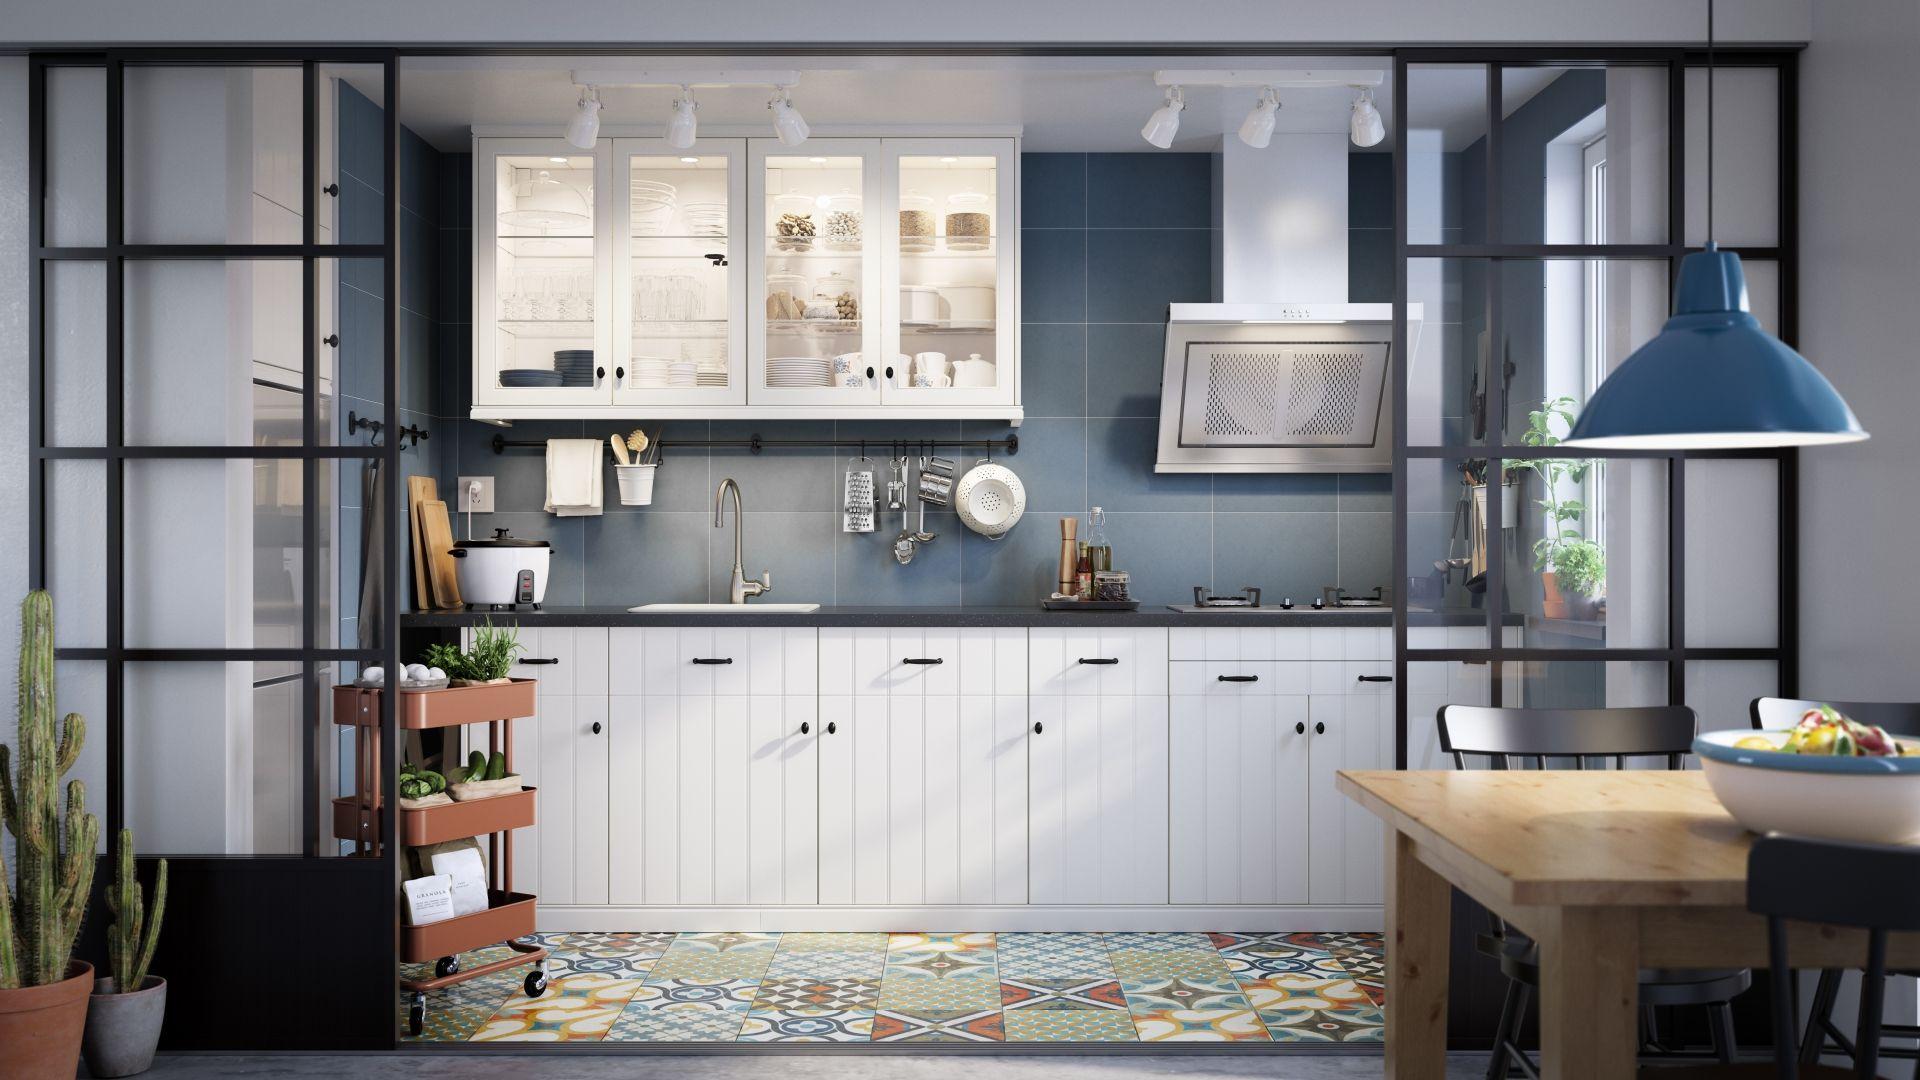 Ikea Keuken Hittarp : Hittarp küche ikea ikea door style of the week grimslov ikan